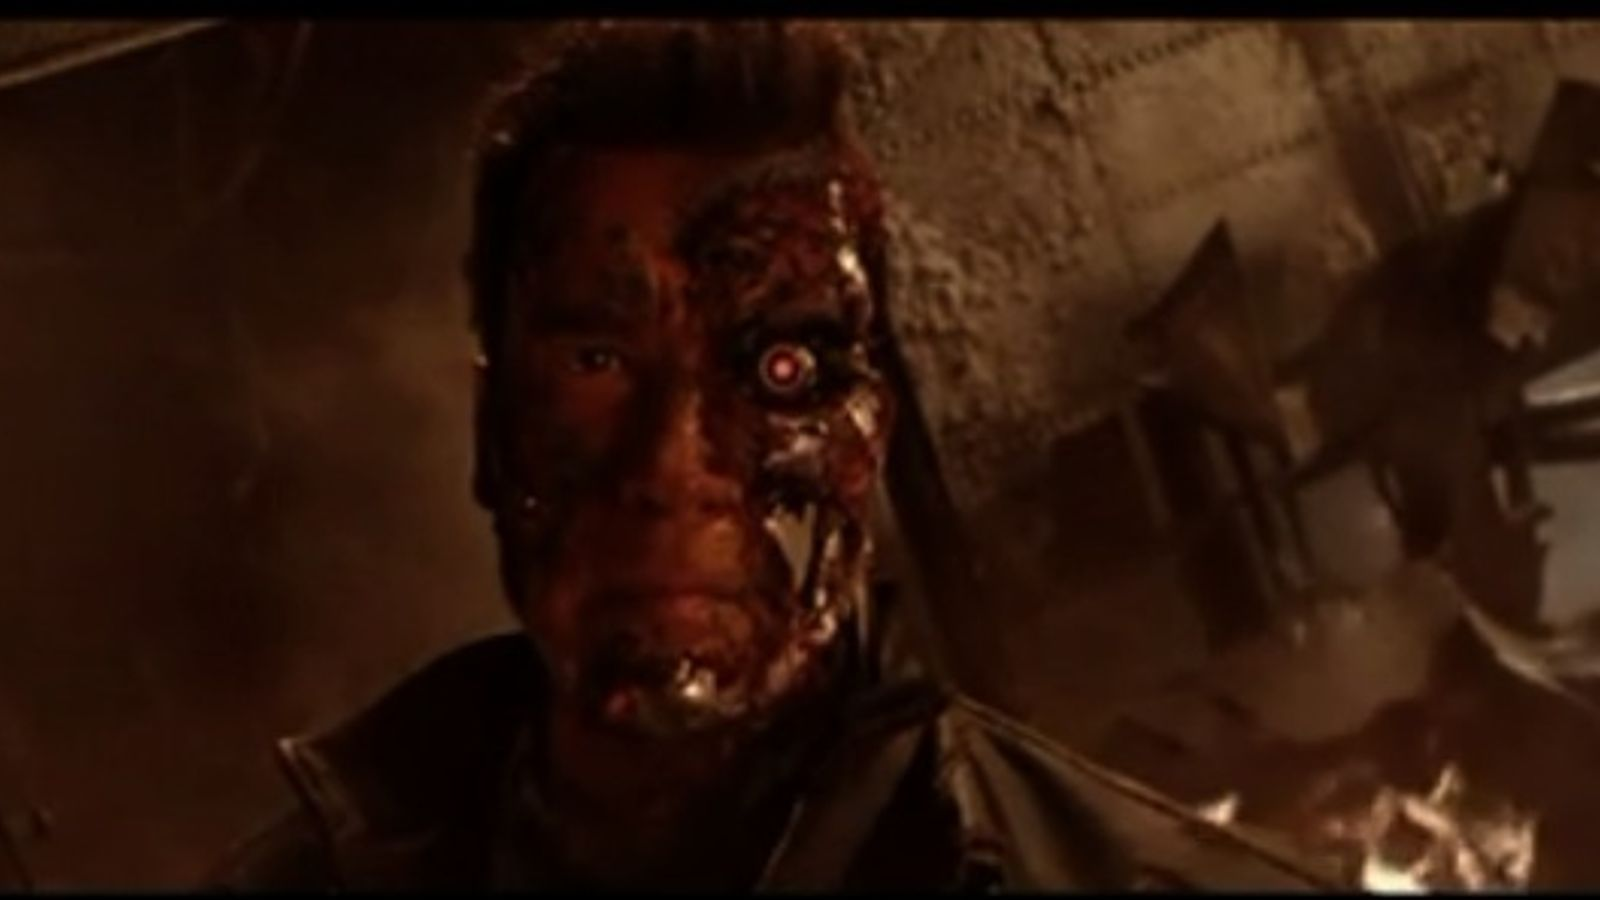 I'll be back, Arnold Schwarzenegger